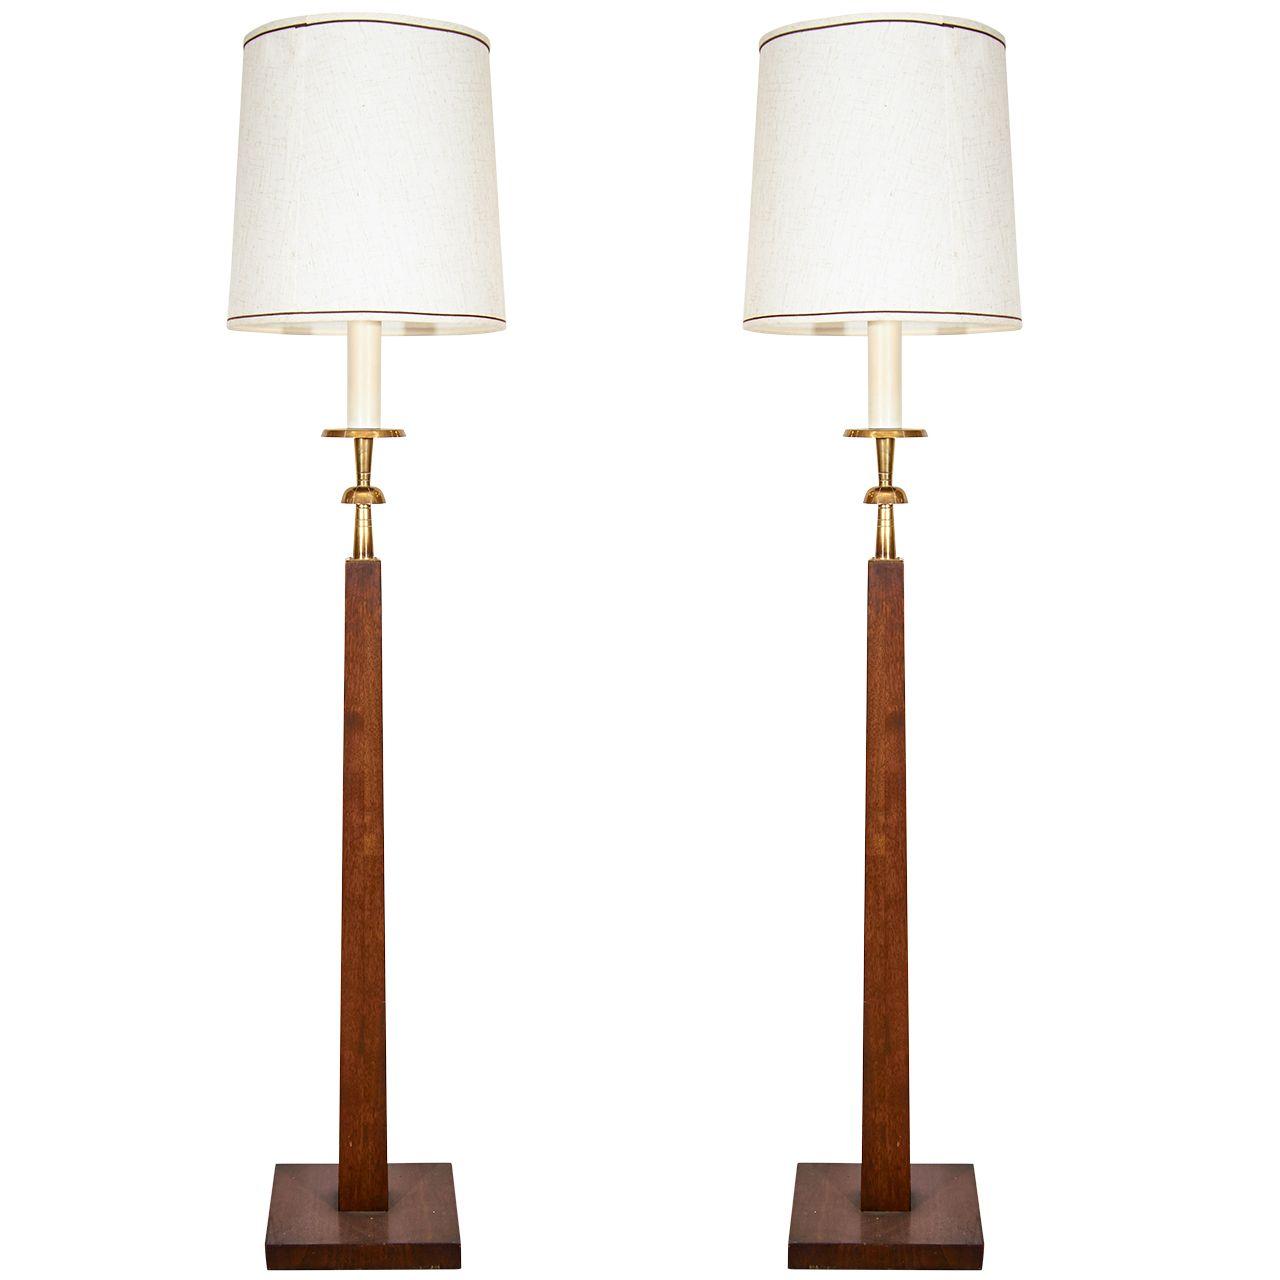 Inspirational Vintage Wooden Floor Lamps